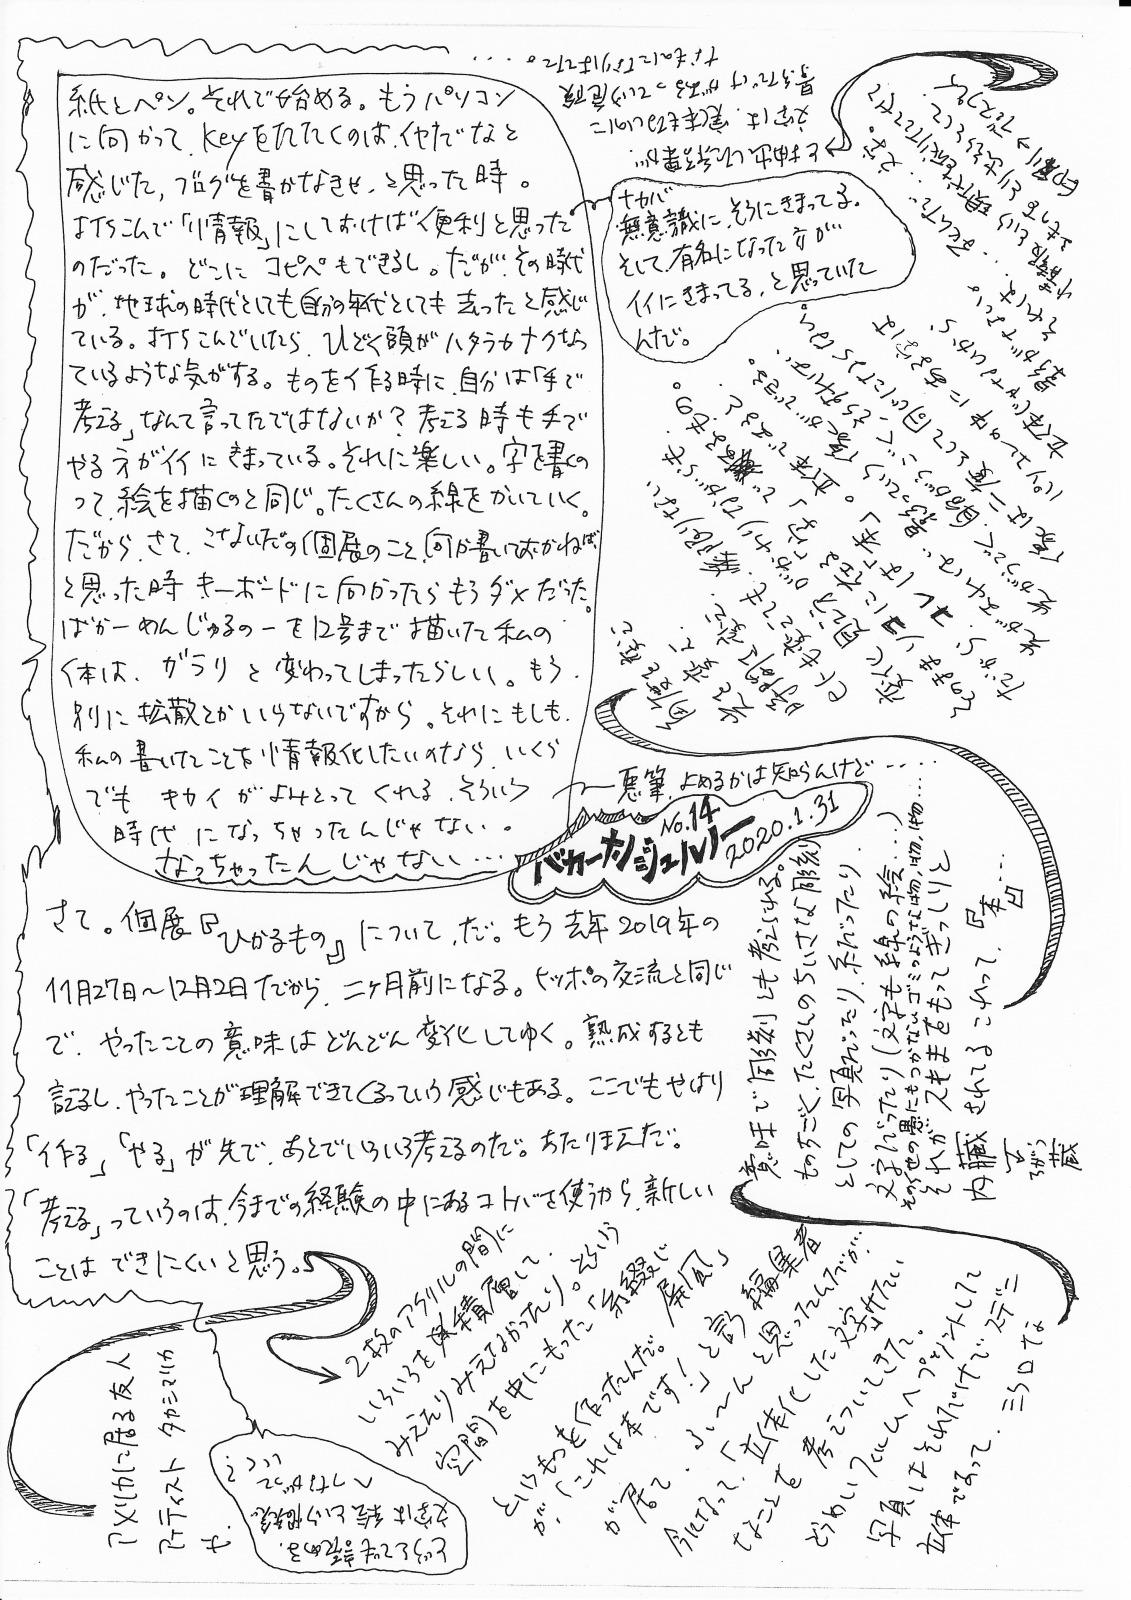 http://yoyamazaki.jp/blog/blog/%E3%81%B0%E3%81%8B%E3%83%BC%E3%82%81%E3%82%93%E3%81%98%E3%82%85%E3%82%8B%E3%81%AE14.jpg